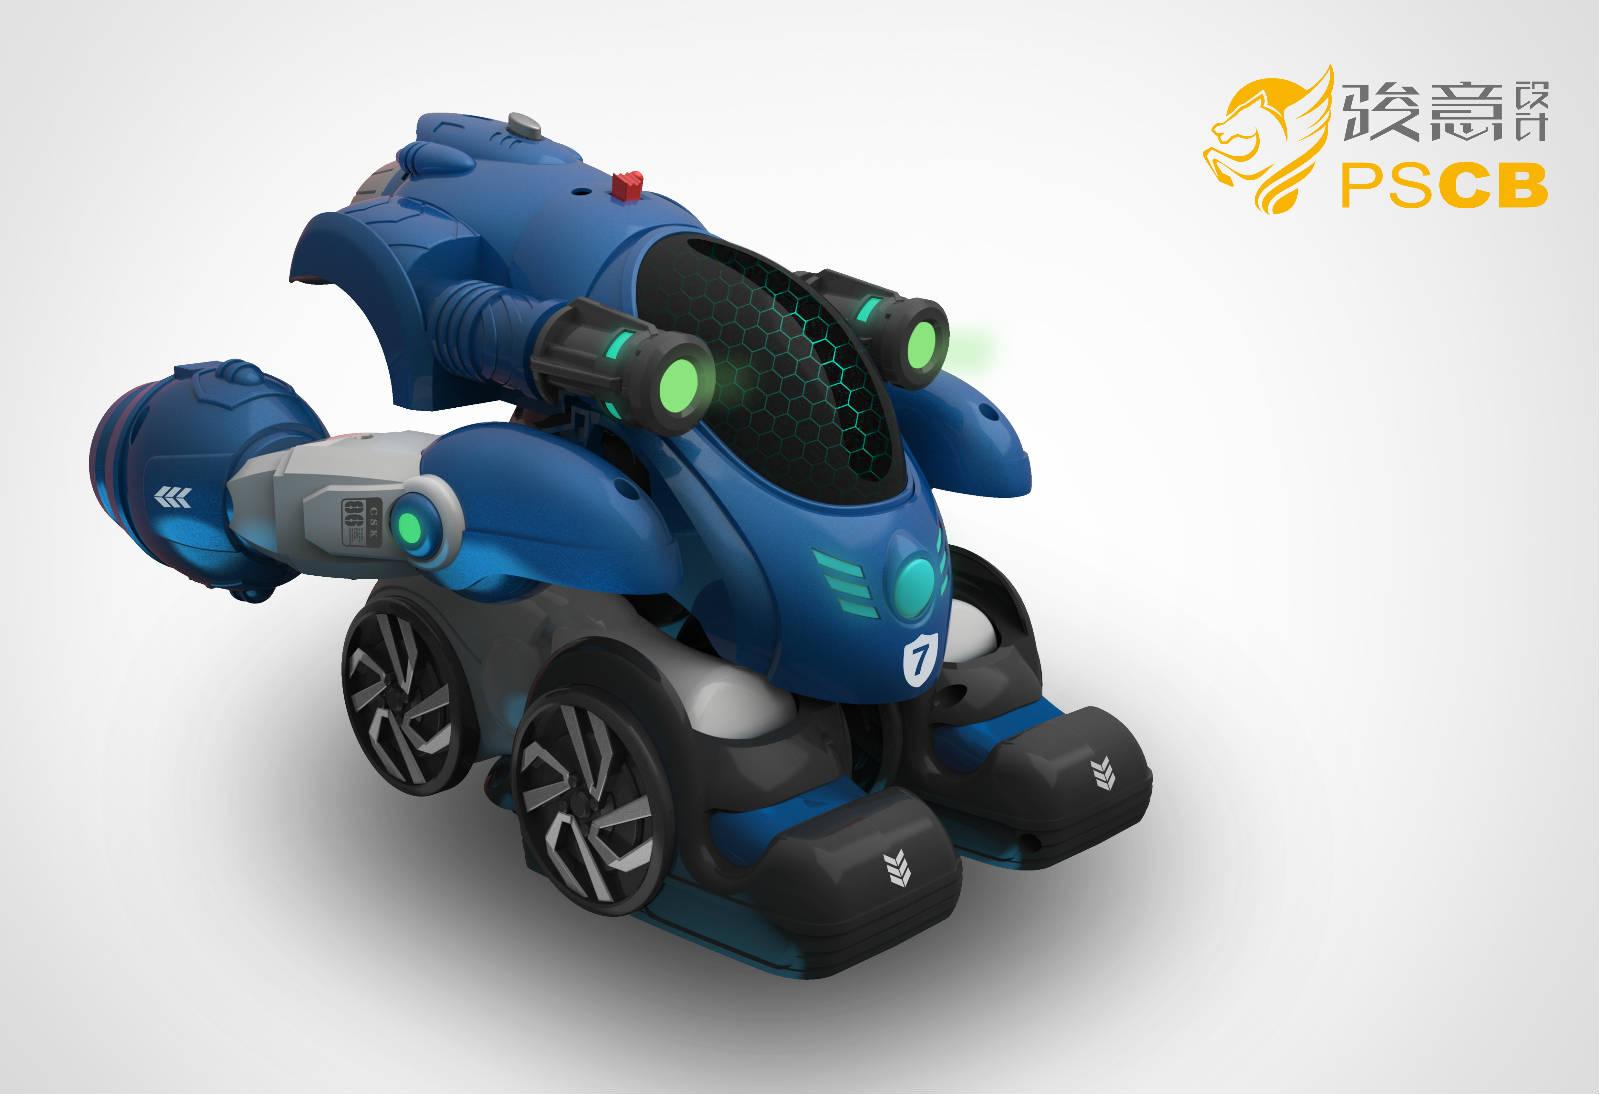 儿童玩具造型设计